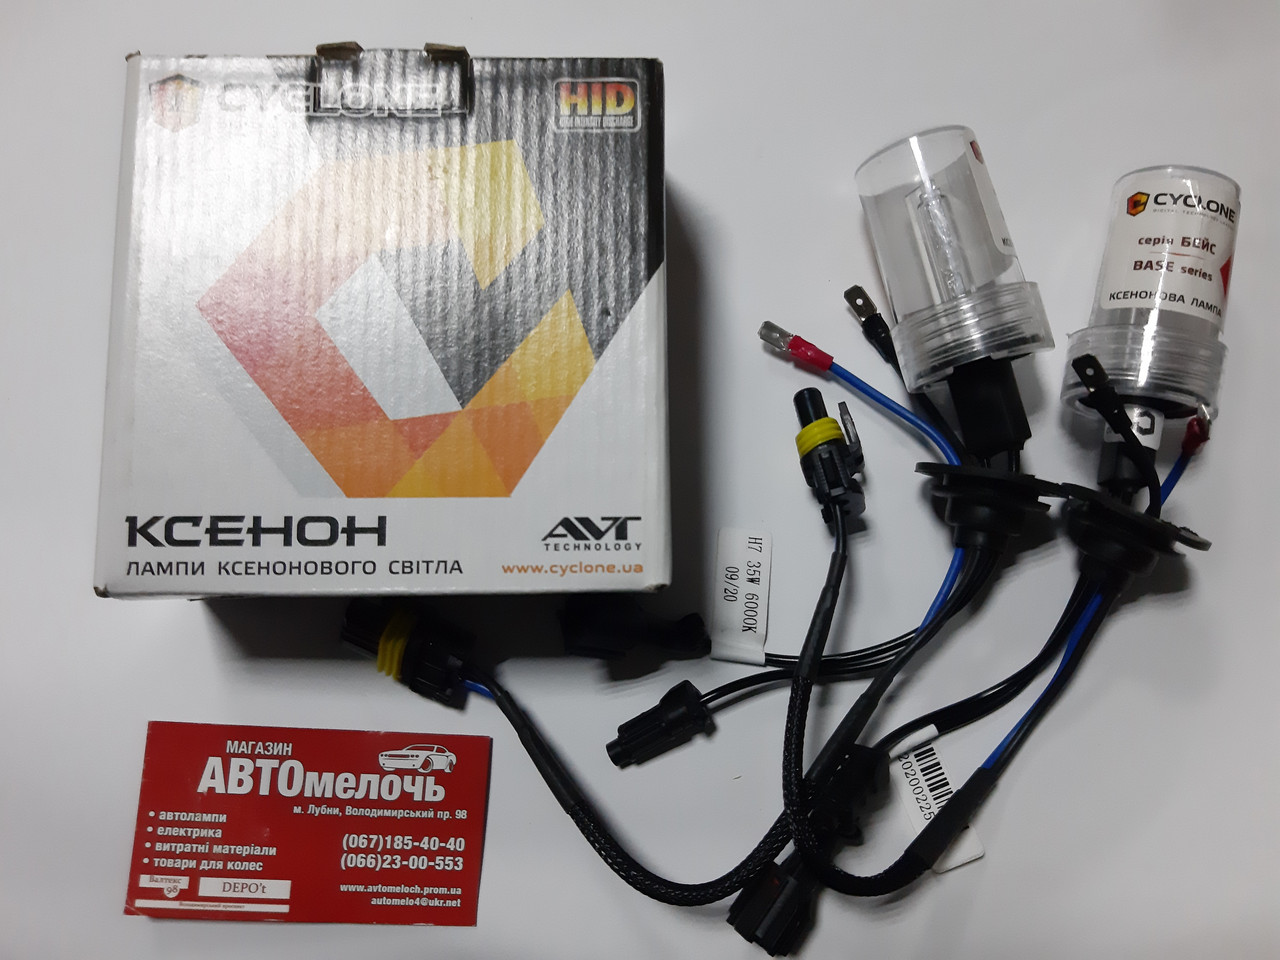 Лампа ксеноновая CYCLON H7 12-24V 35W 6000K к-т